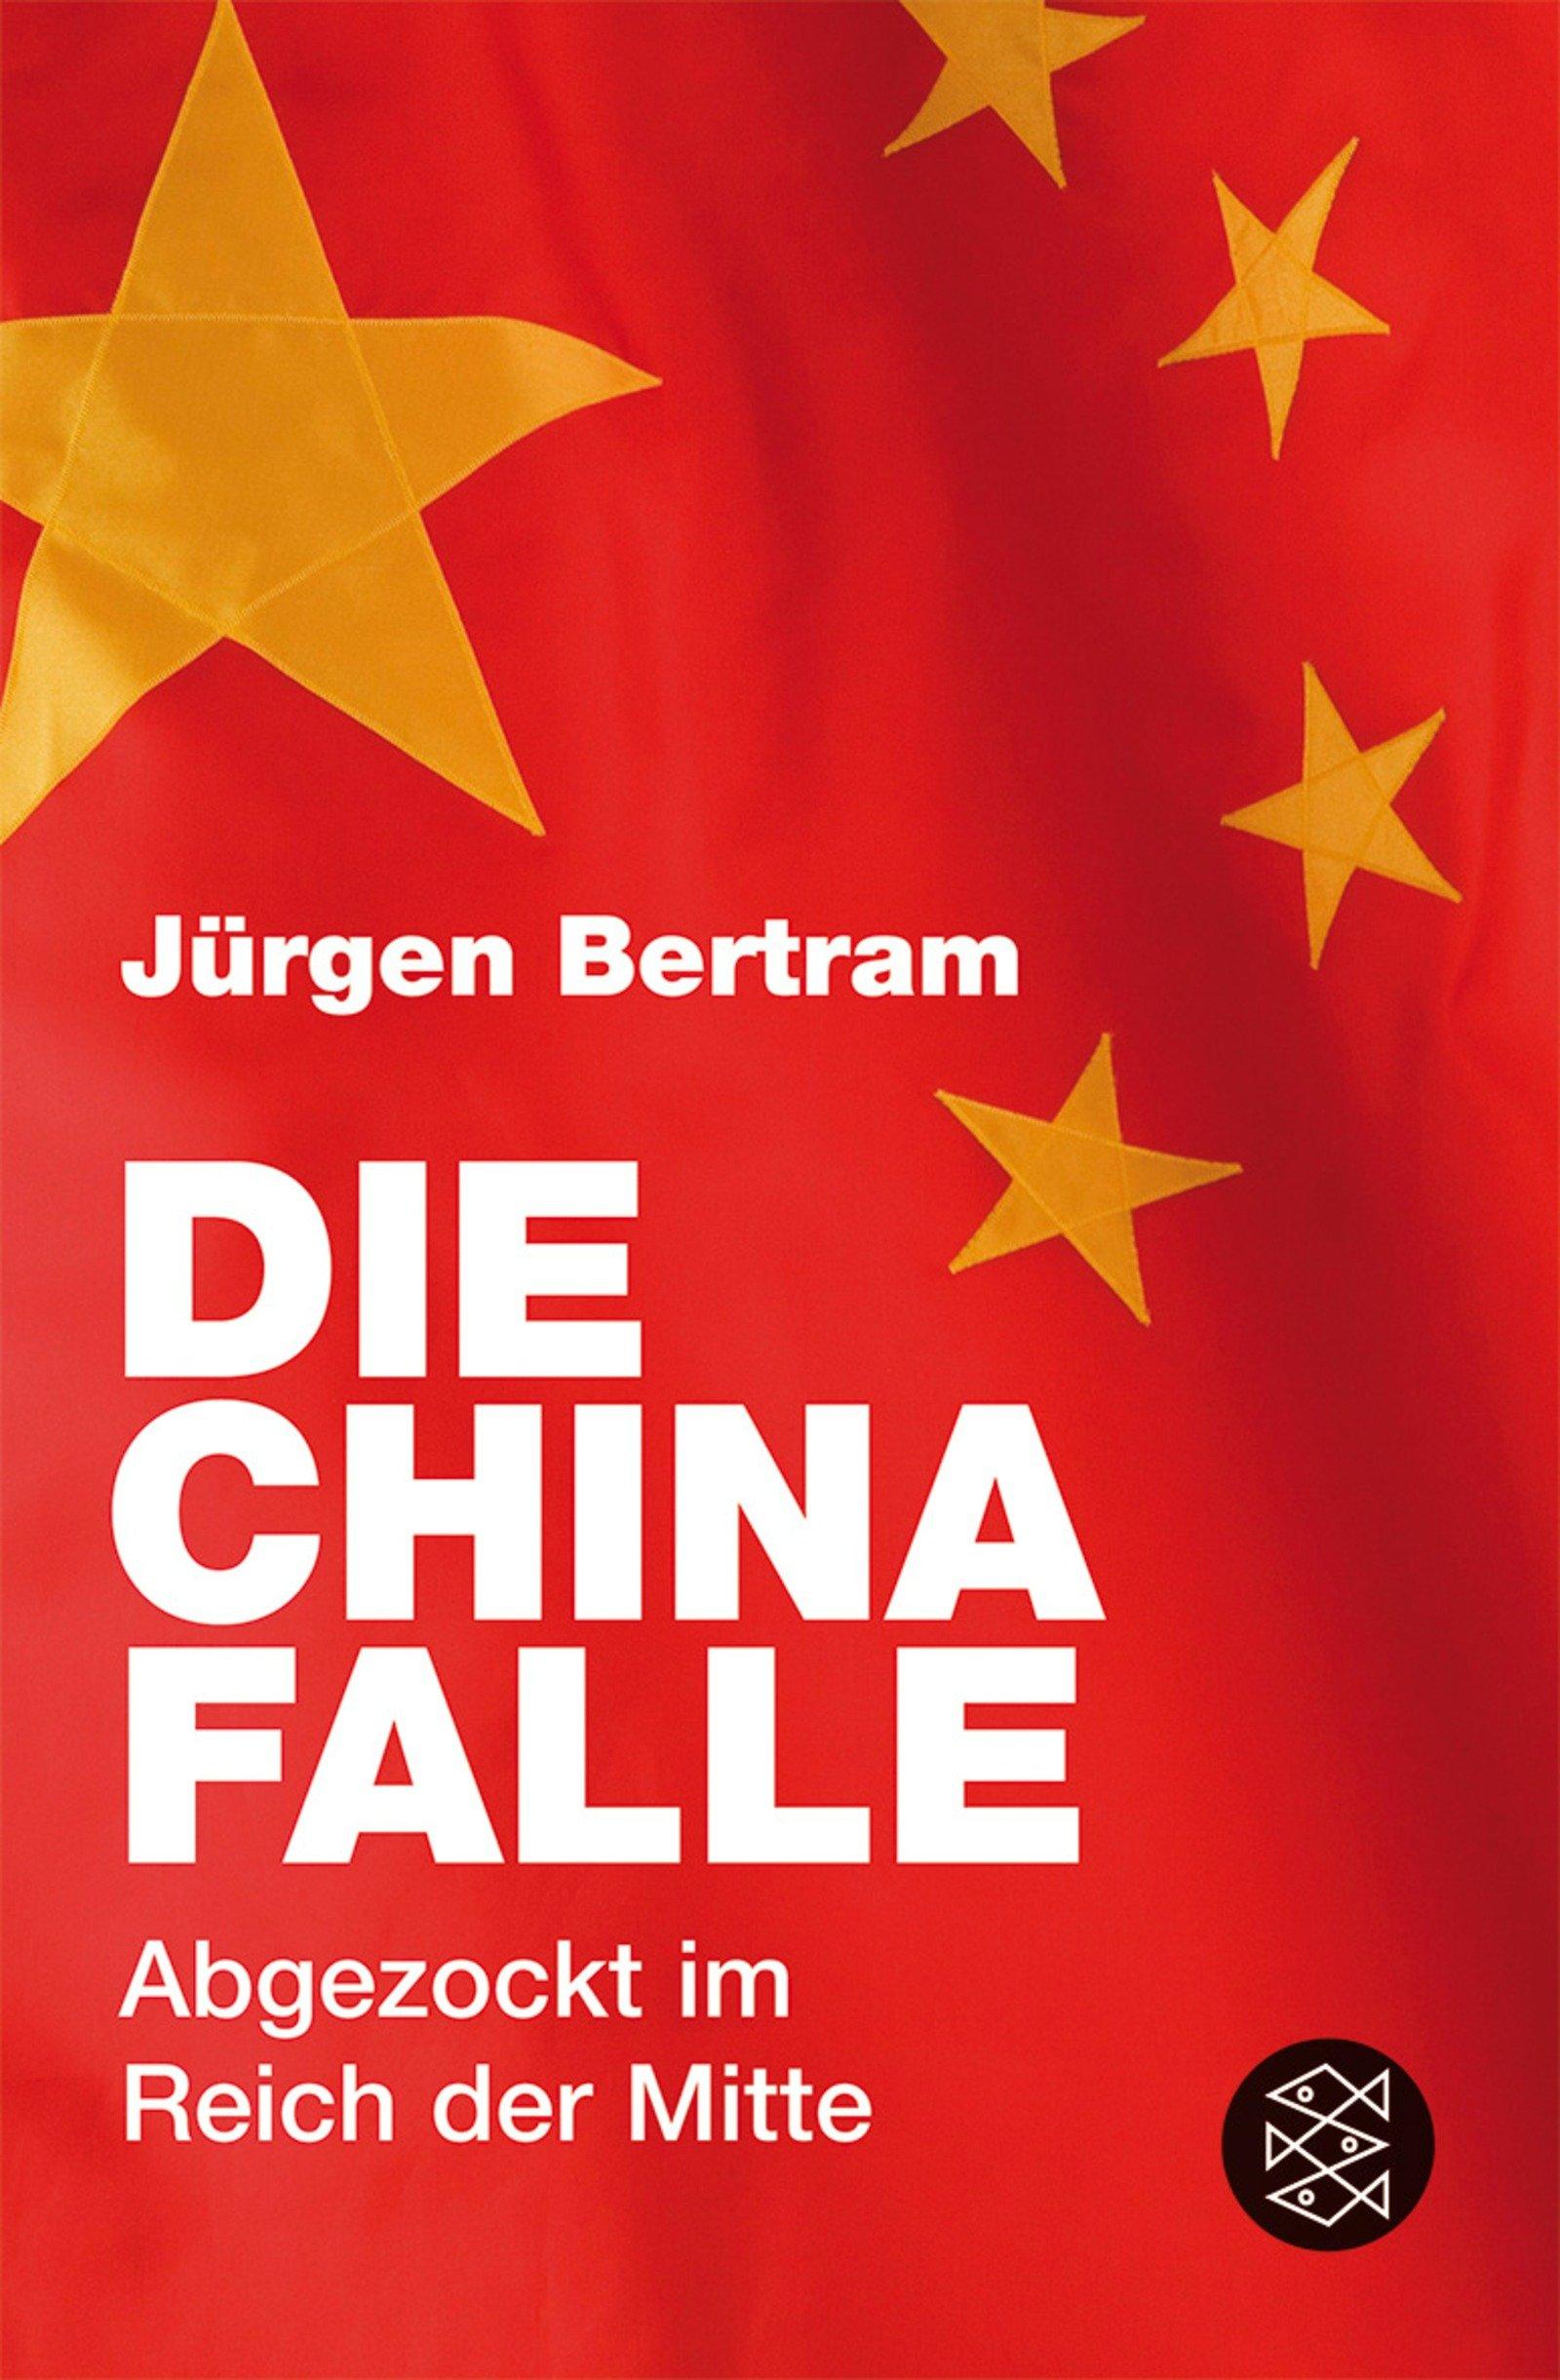 Die China-Falle: Abgezockt im Reich der Mitte (Ratgeber / Lebenskrisen)